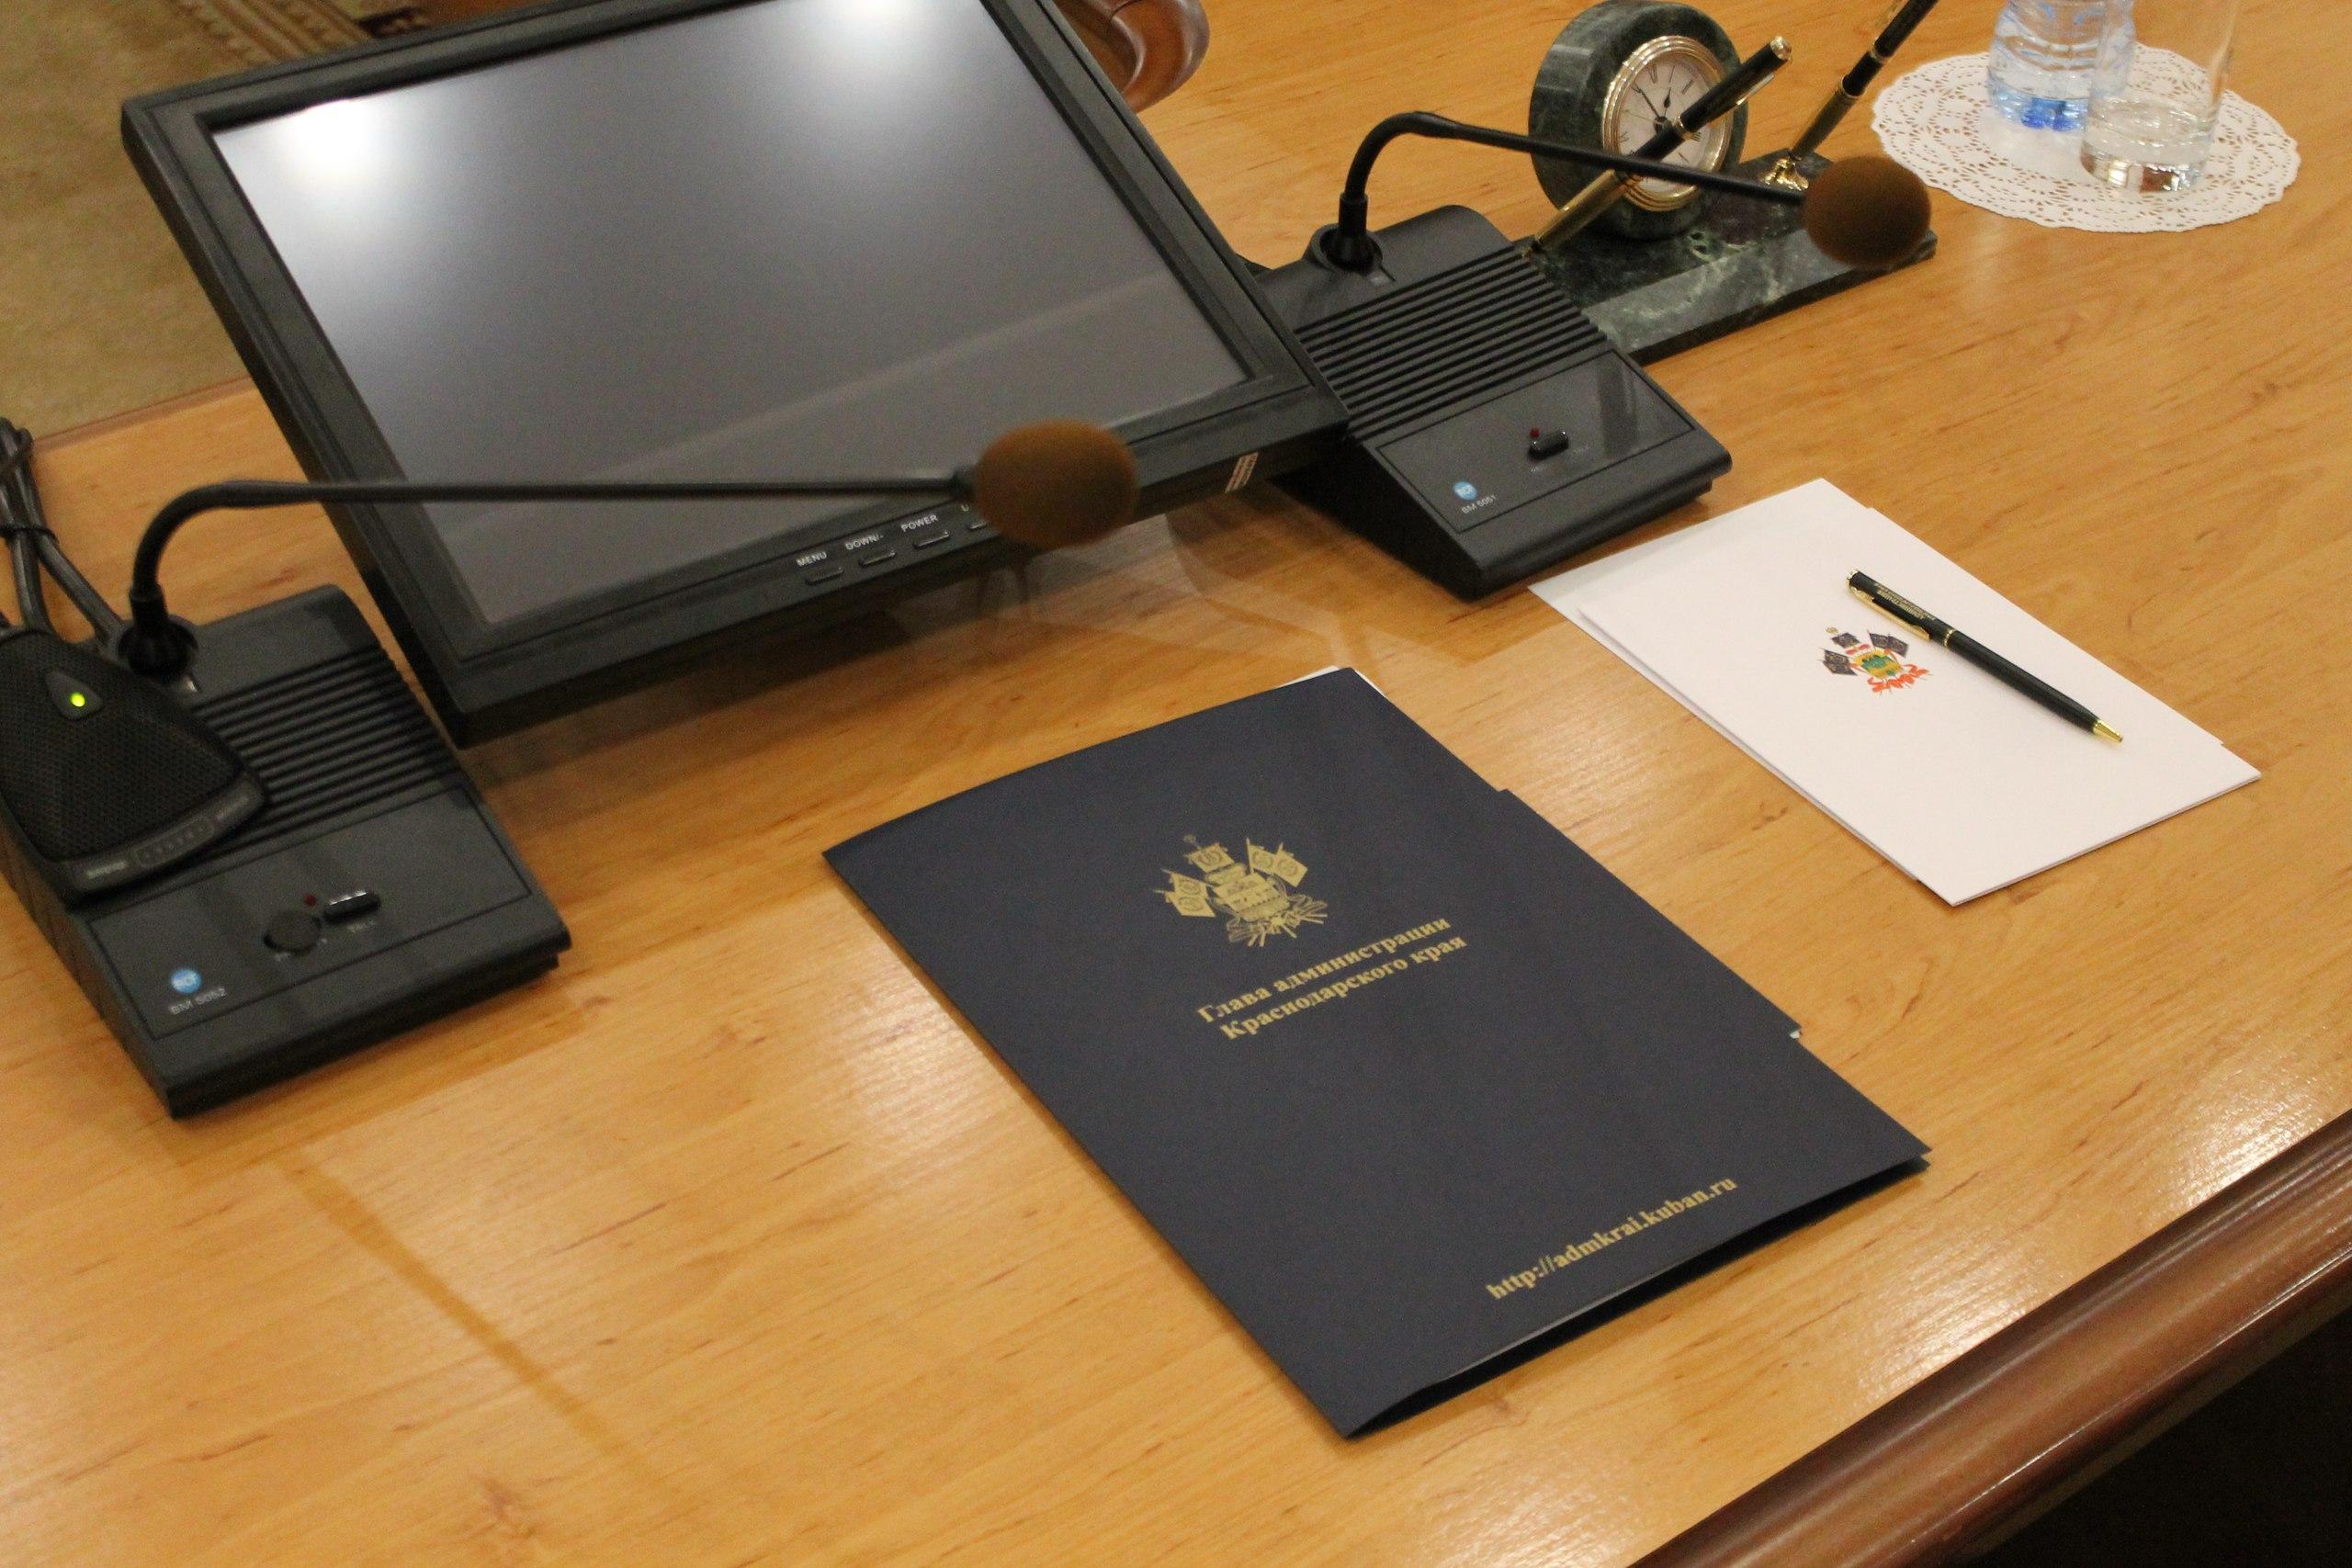 ВКраснодаре утвердили проект бюджета на последующий 2017г.